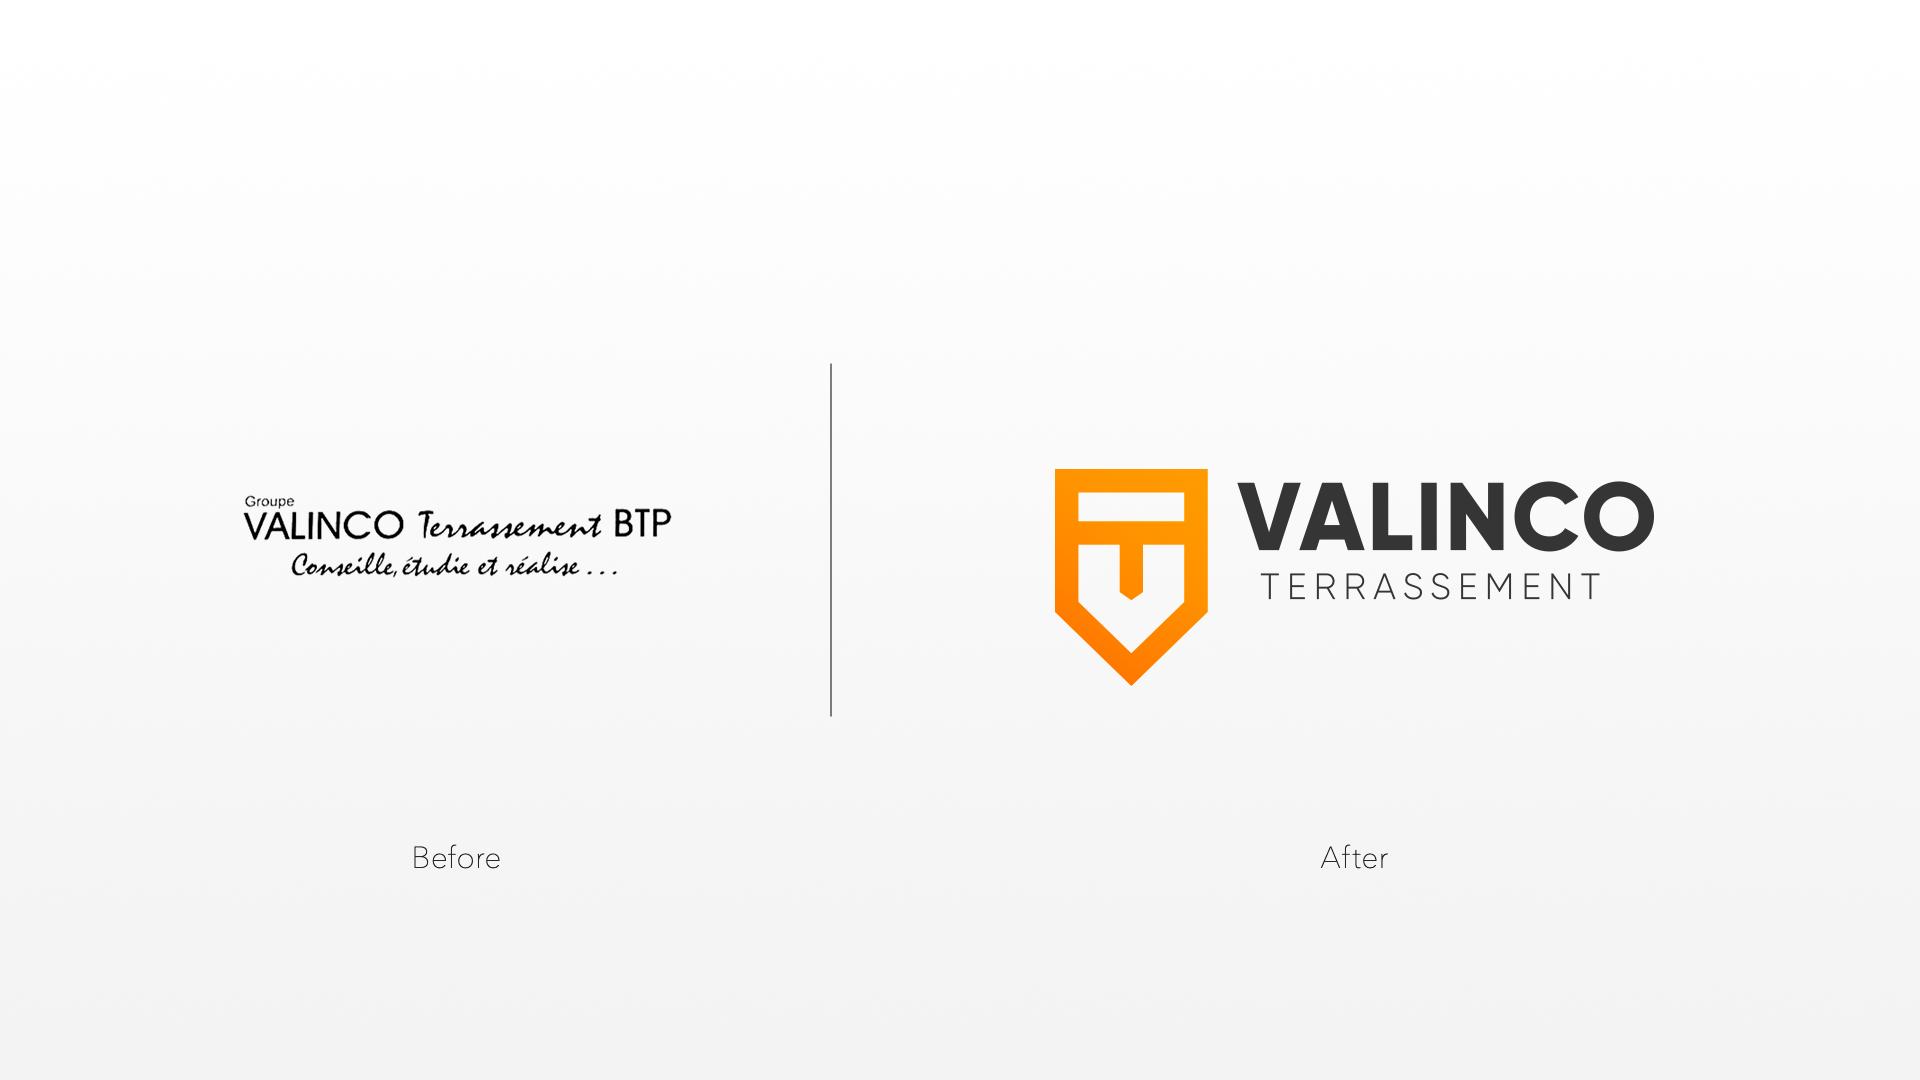 VALINCO_WEB_LOGOS.png